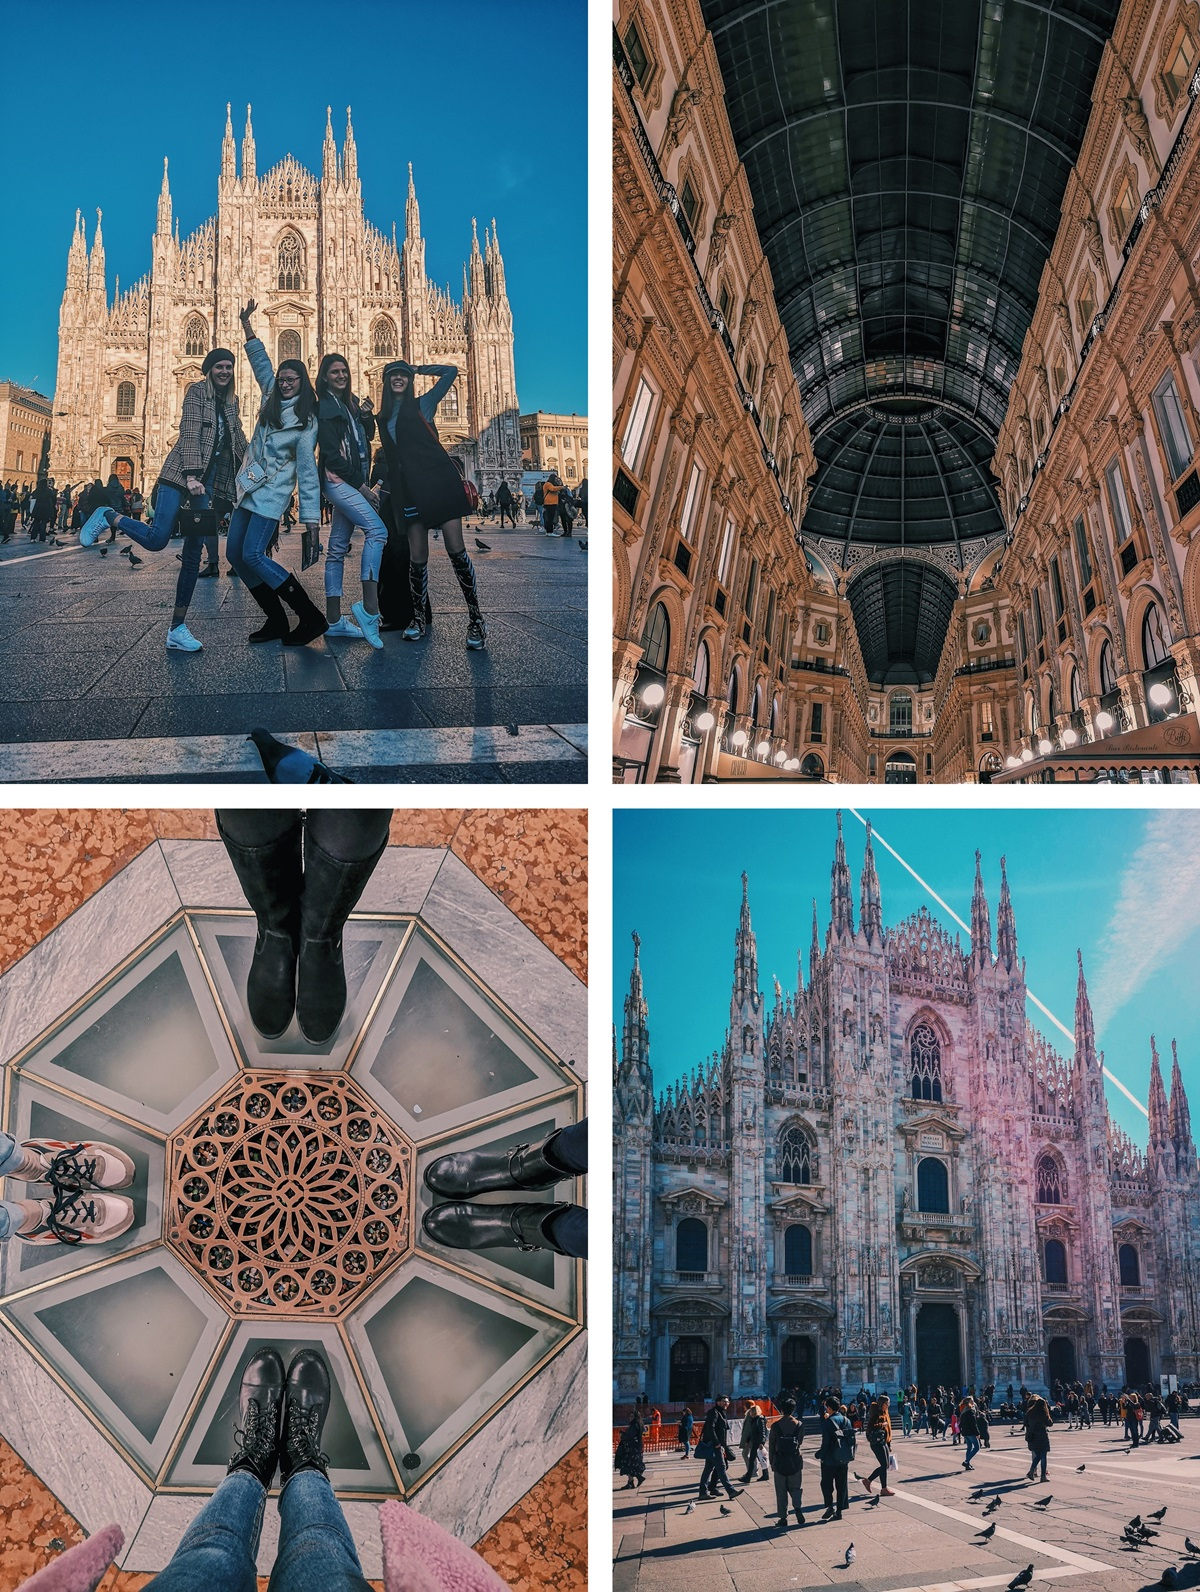 Duomo, Galleria Vittorio Emanuele, Milan